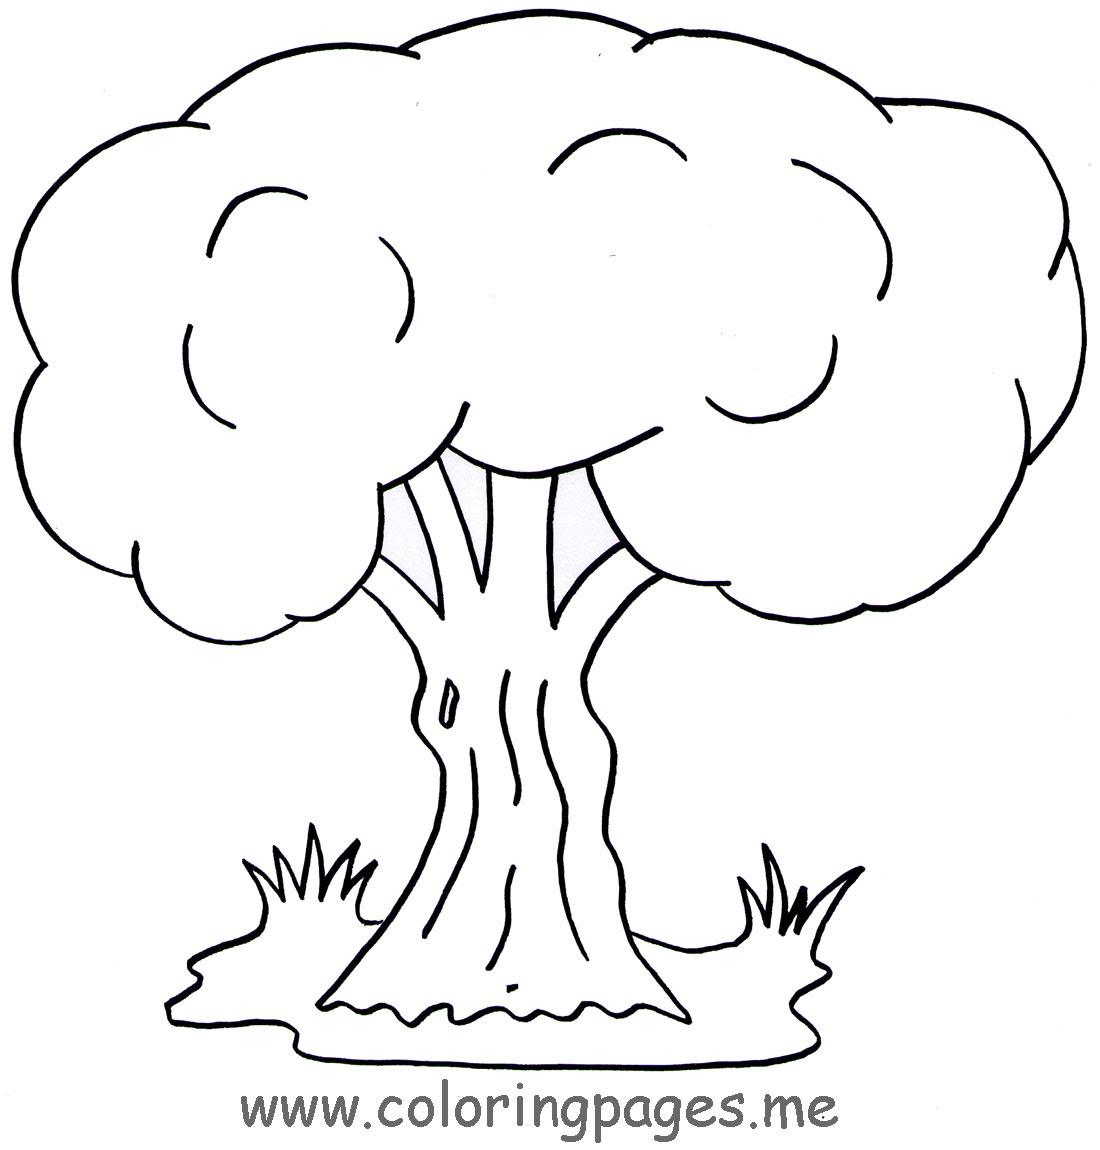 66 Dibujos De árboles Para Colorear Oh Kids Page 2